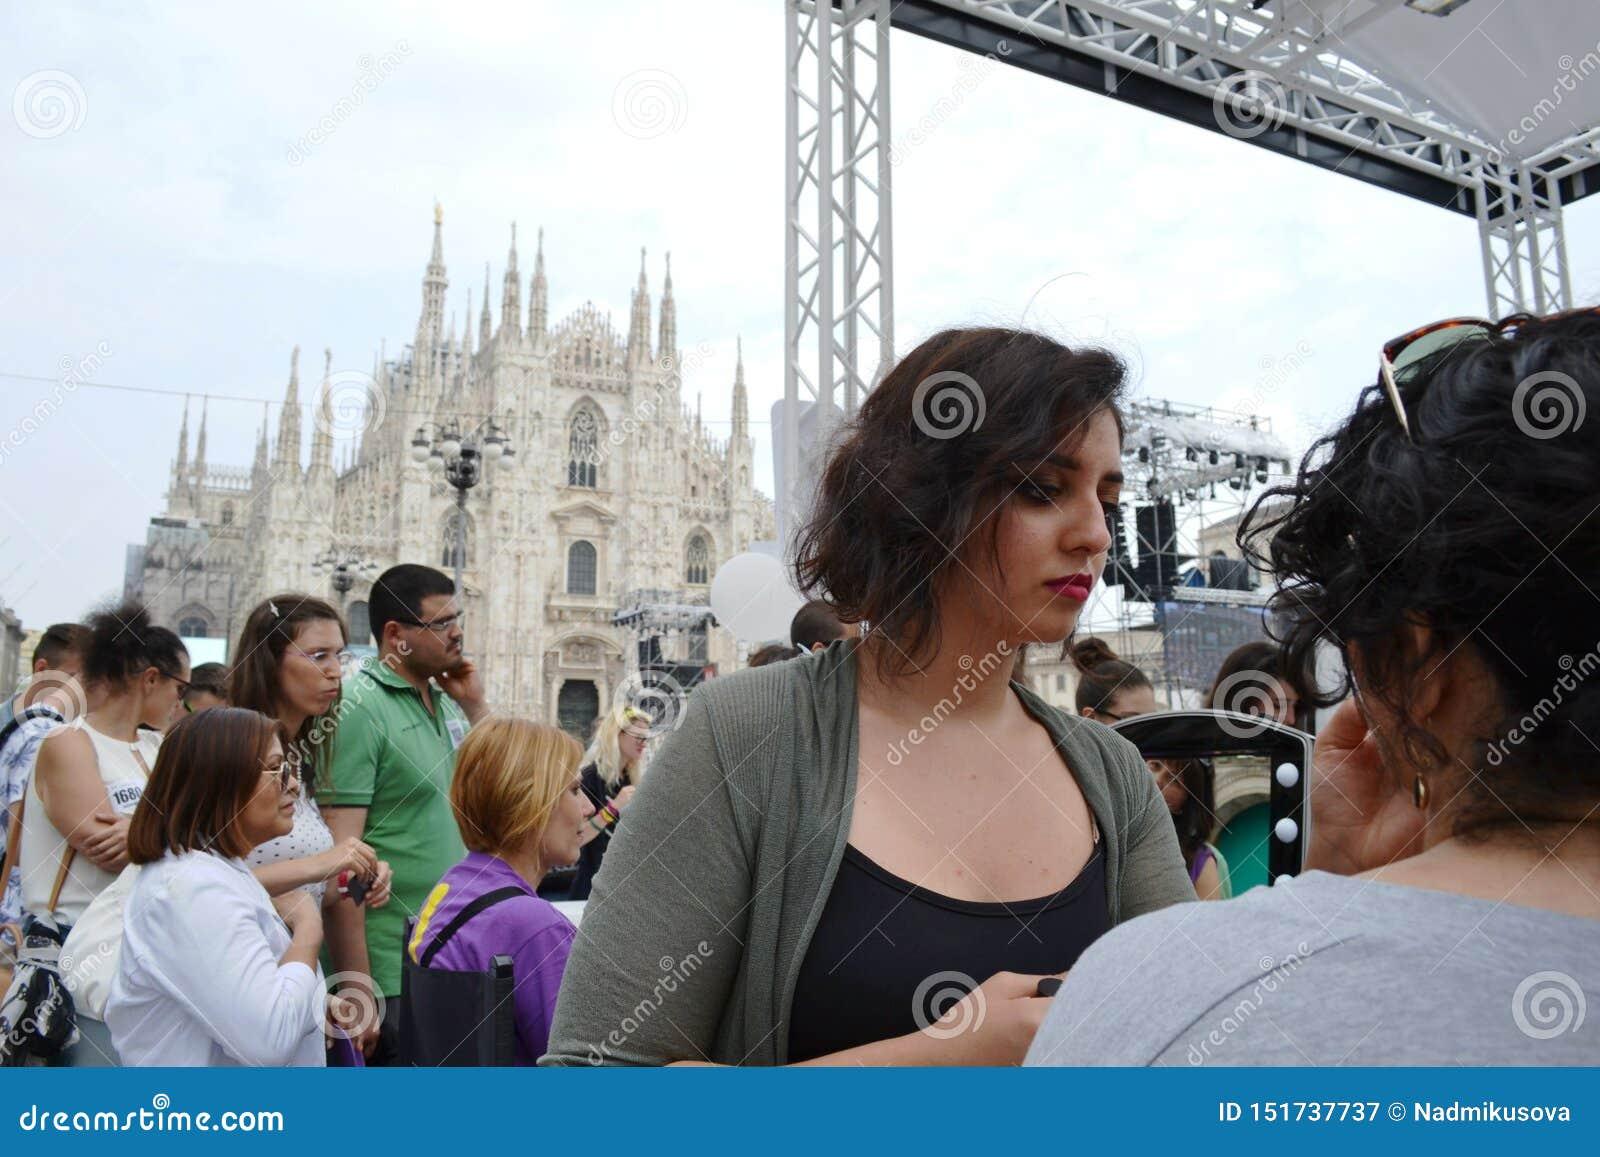 Schoonheidsspecialisten die klanten voor vrije in openlucht fotoreeks 'Brosway 'ontvangen in Milan Duomo-vierkant